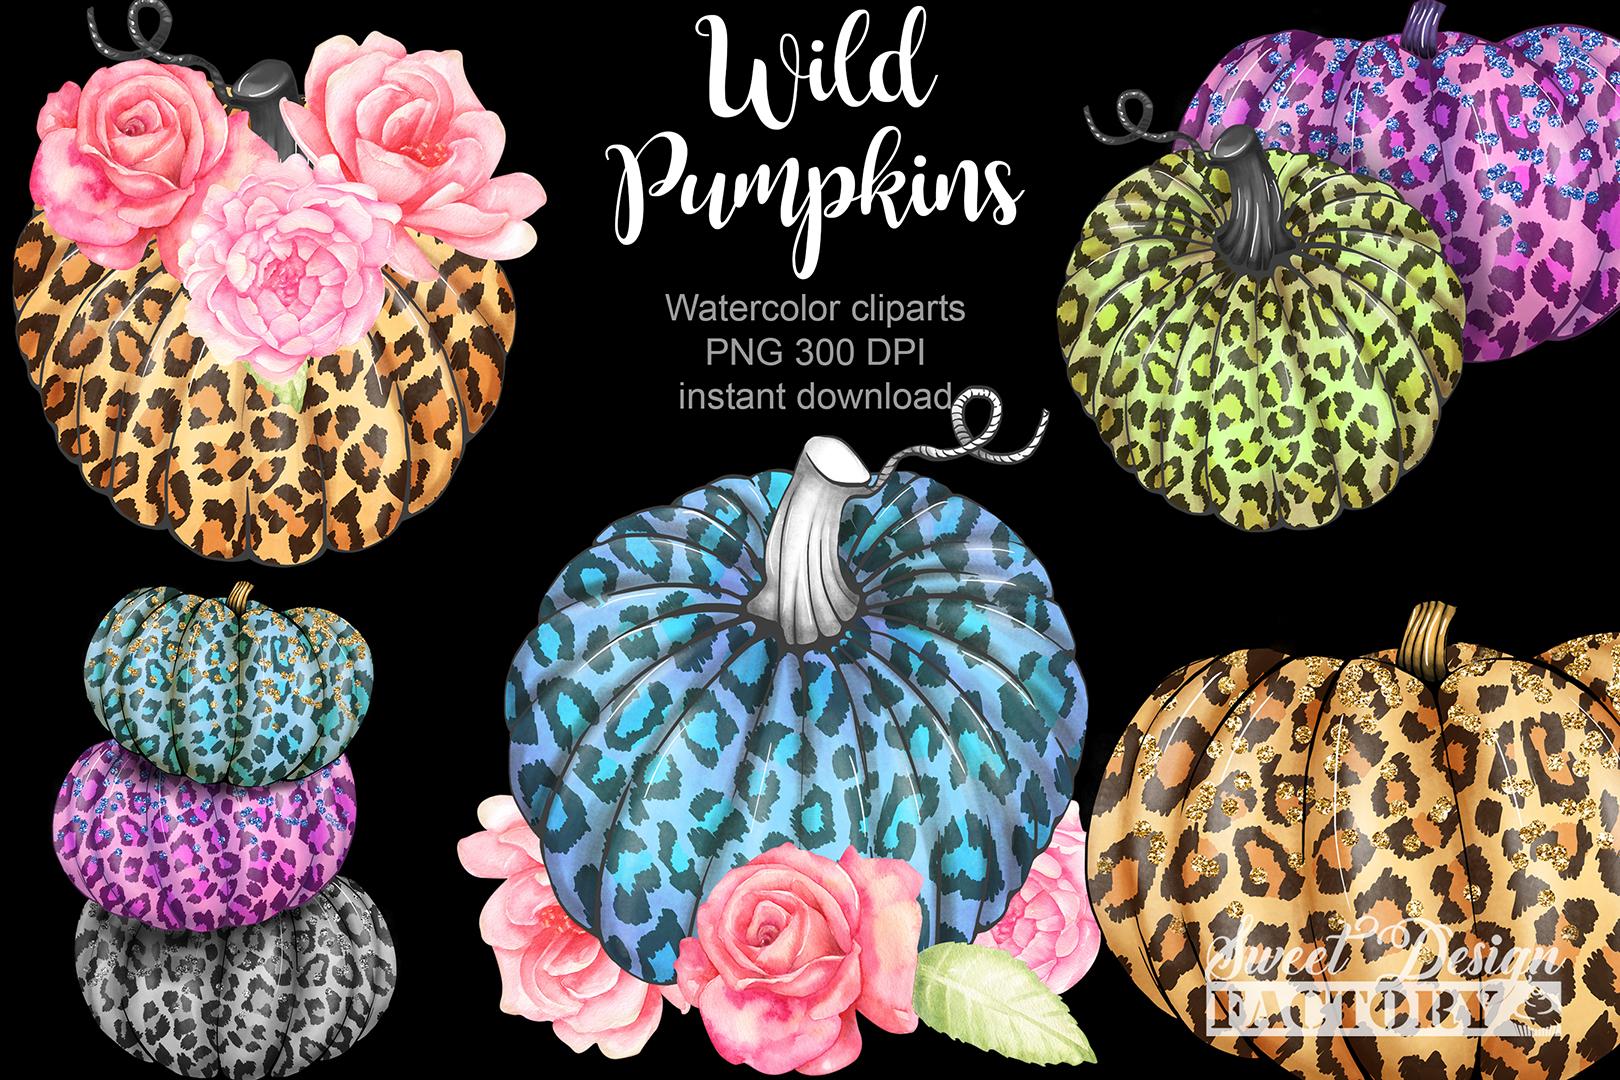 Leopard pumpkins cliparts example image 2